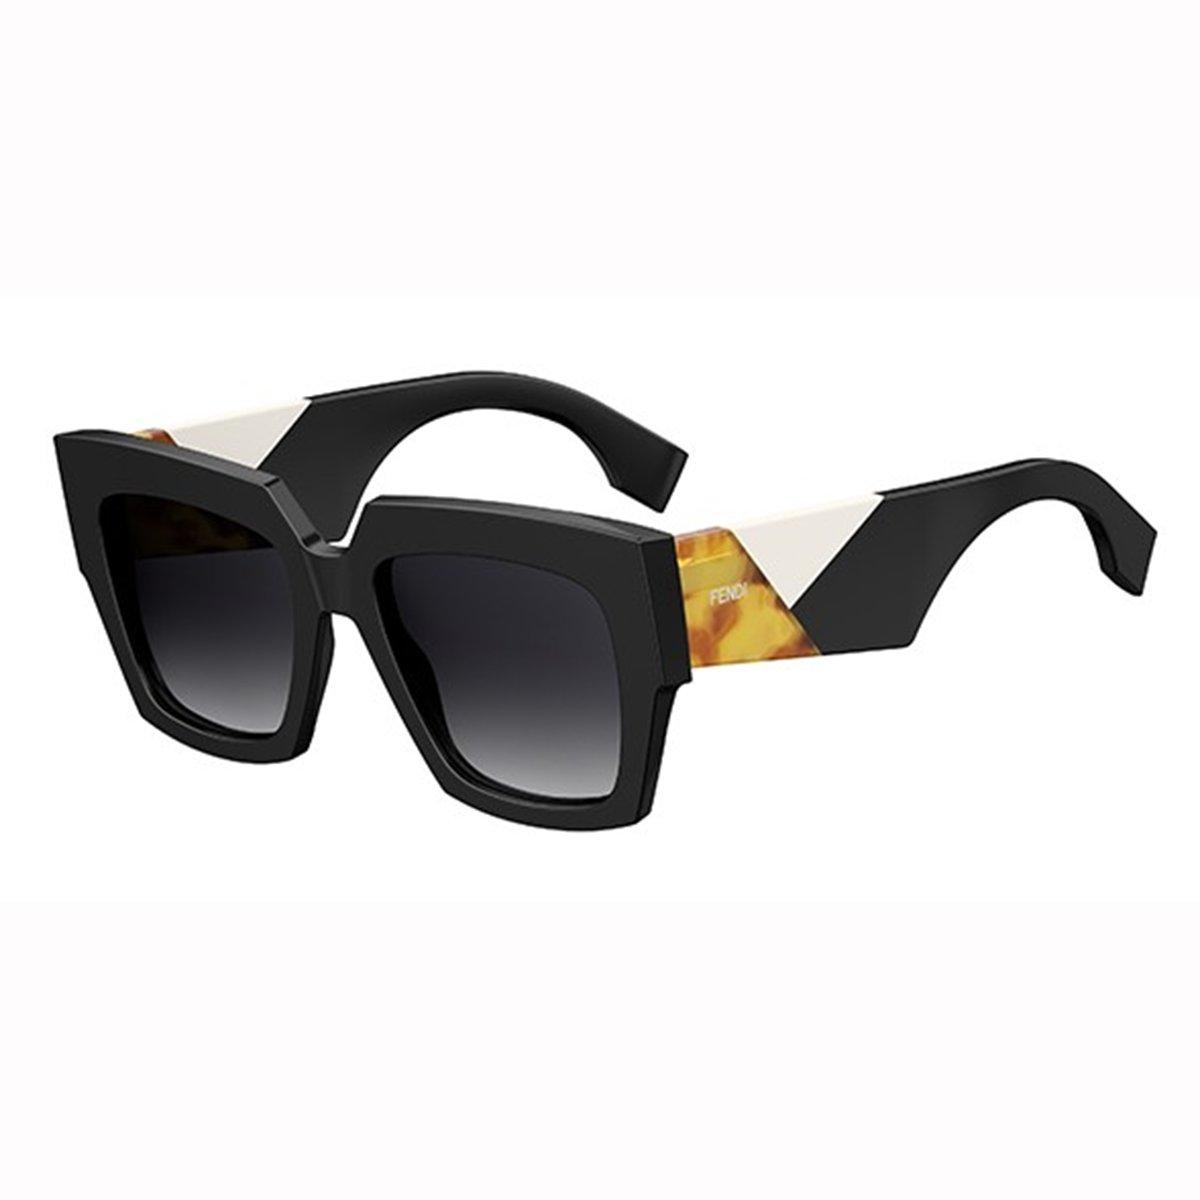 11327d61f1a0a Compre Óculos de Sol Fendi Facets em 10X